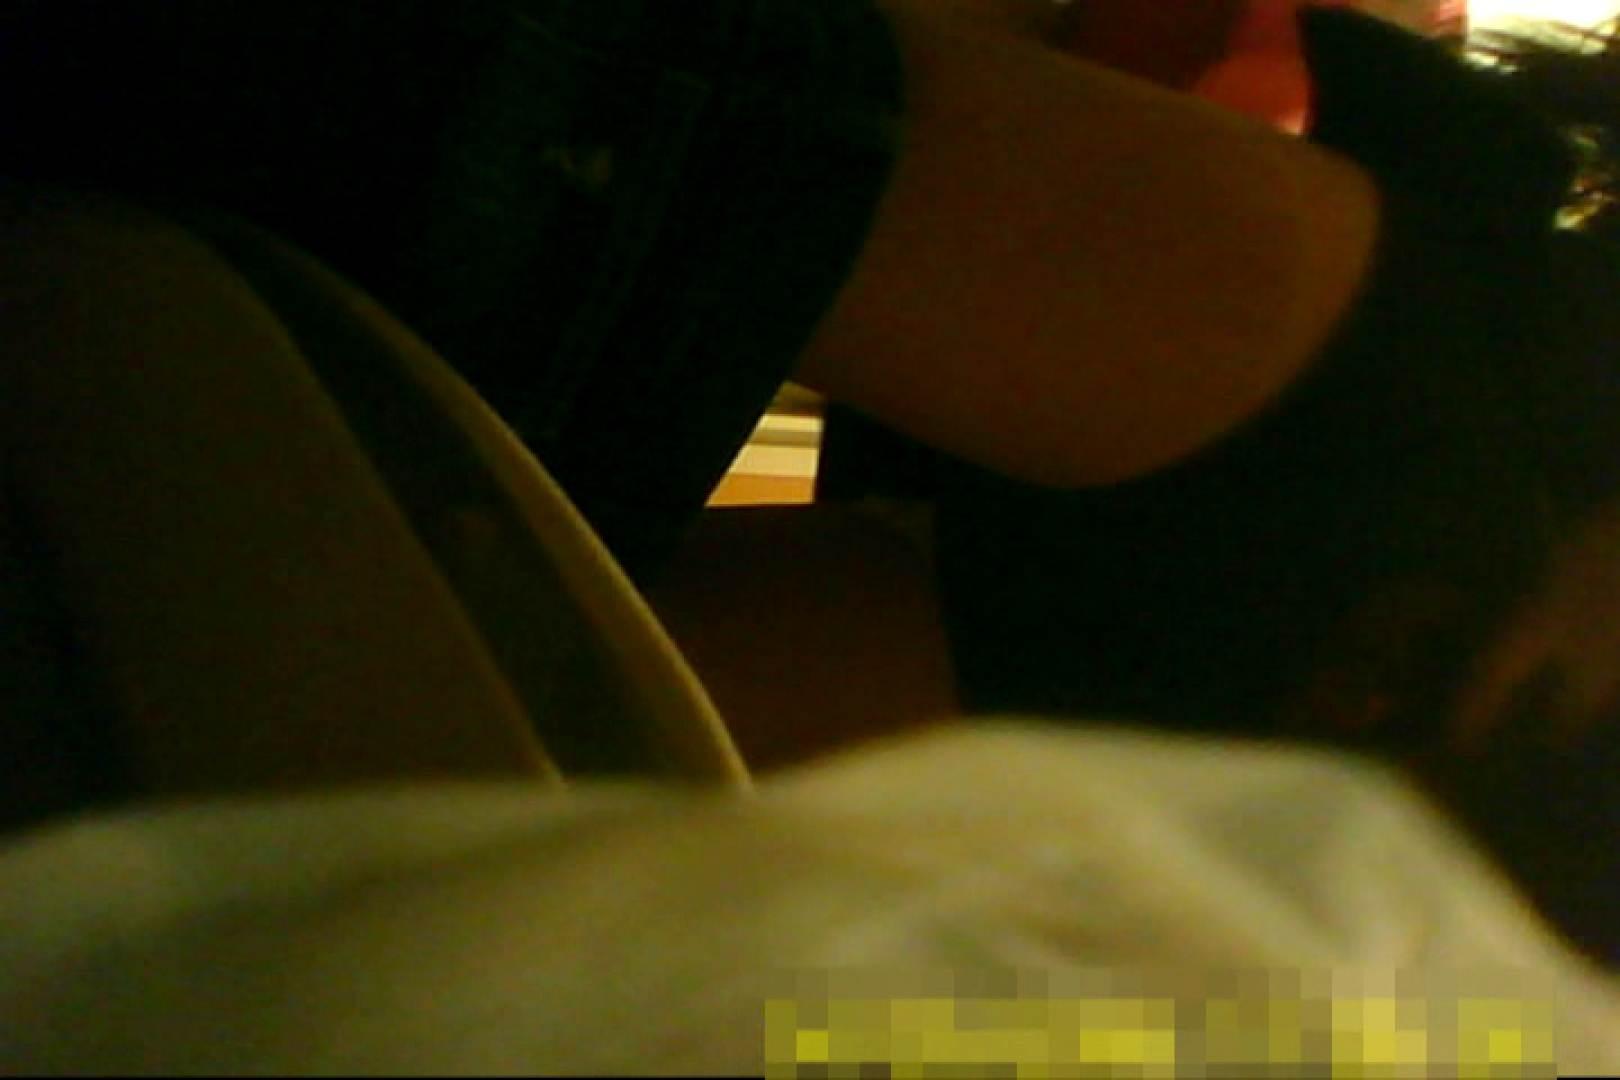 魅惑の化粧室~禁断のプライベート空間~vol.9 ぽっちゃり オマンコ無修正動画無料 56pic 39